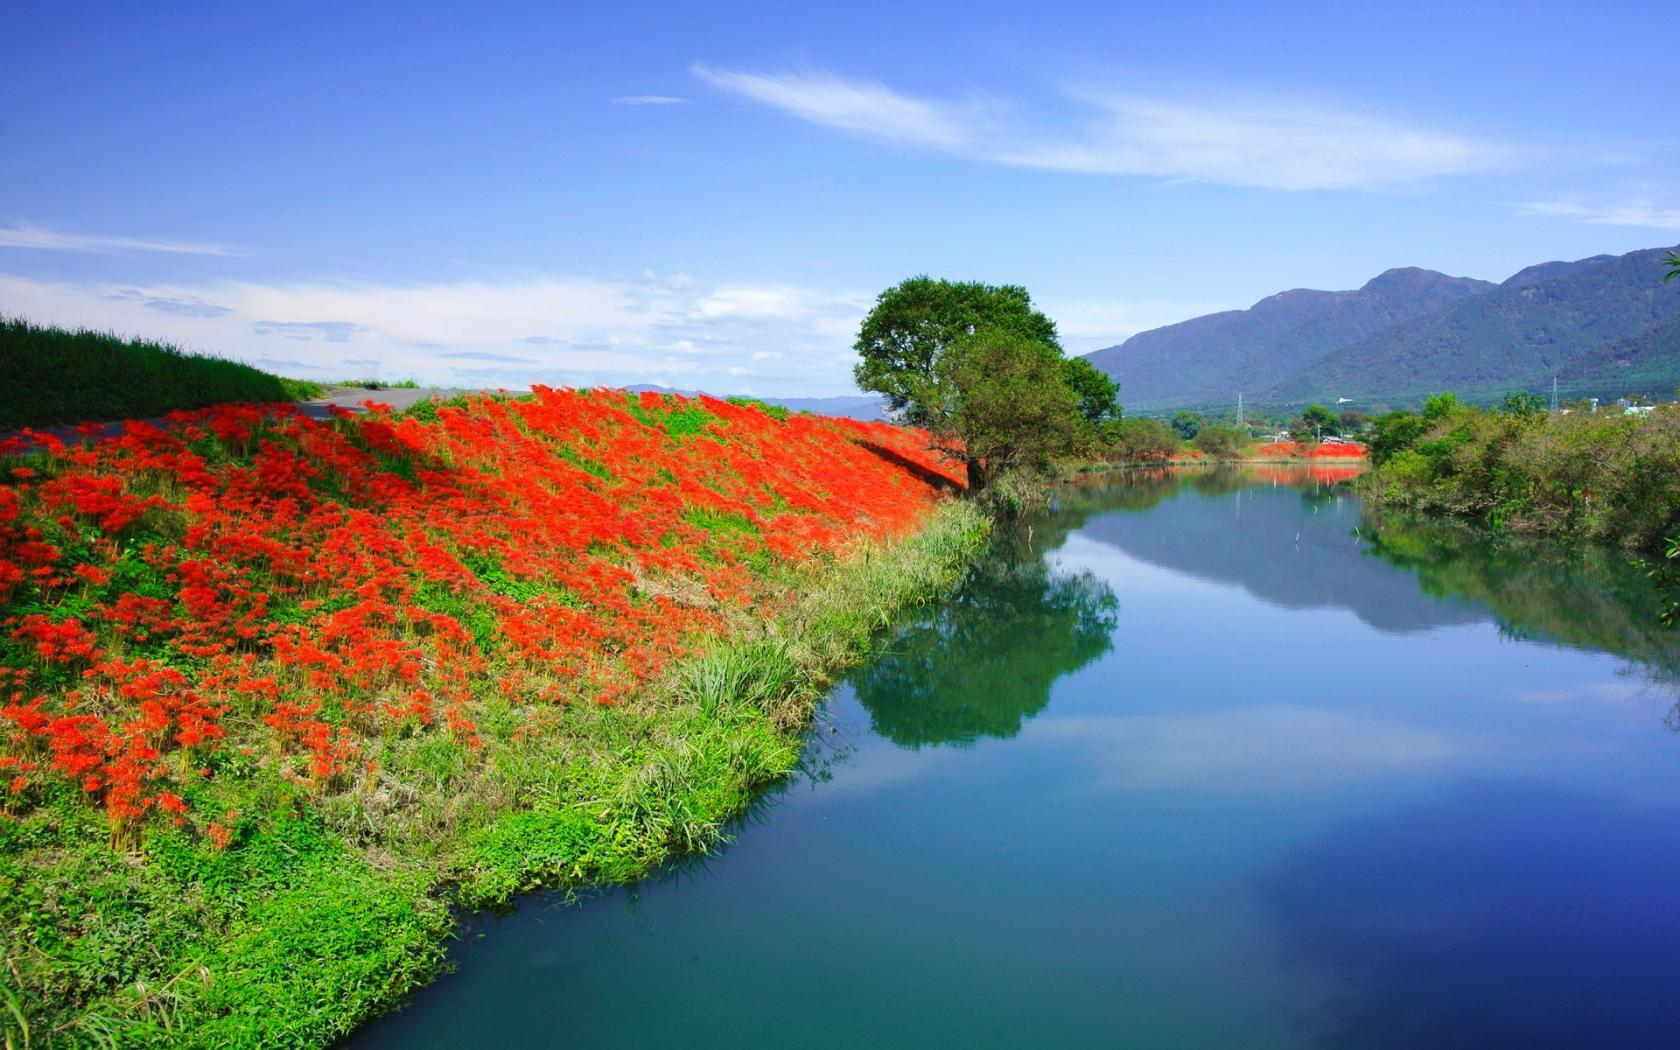 Цветы красота тишина красивые обои